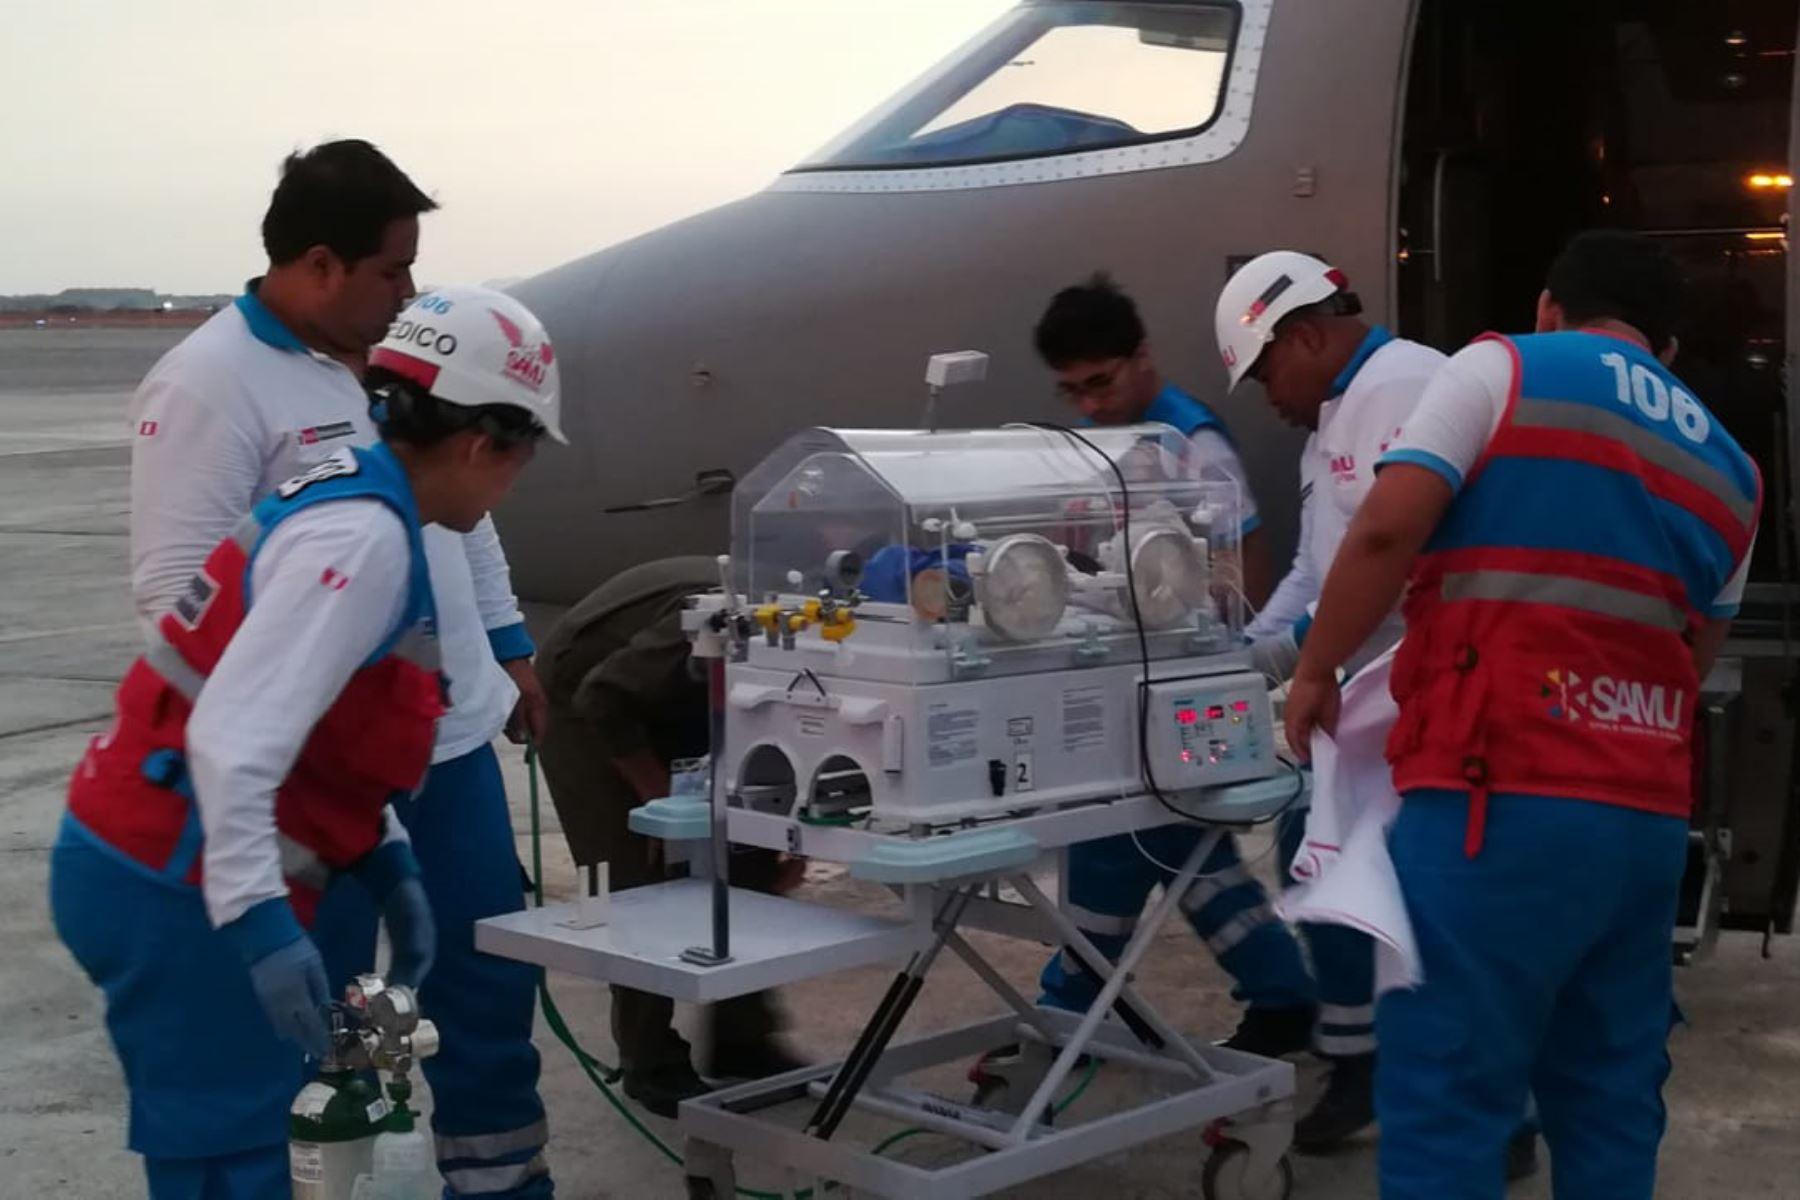 Cinco menores del interior del país en situación crítica fueron trasladados exitosamente a Lima por profesionales del Servicio de Atención Móvil de Urgencias (SAMU) y la Fuerza Aérea del Perú (FAP).